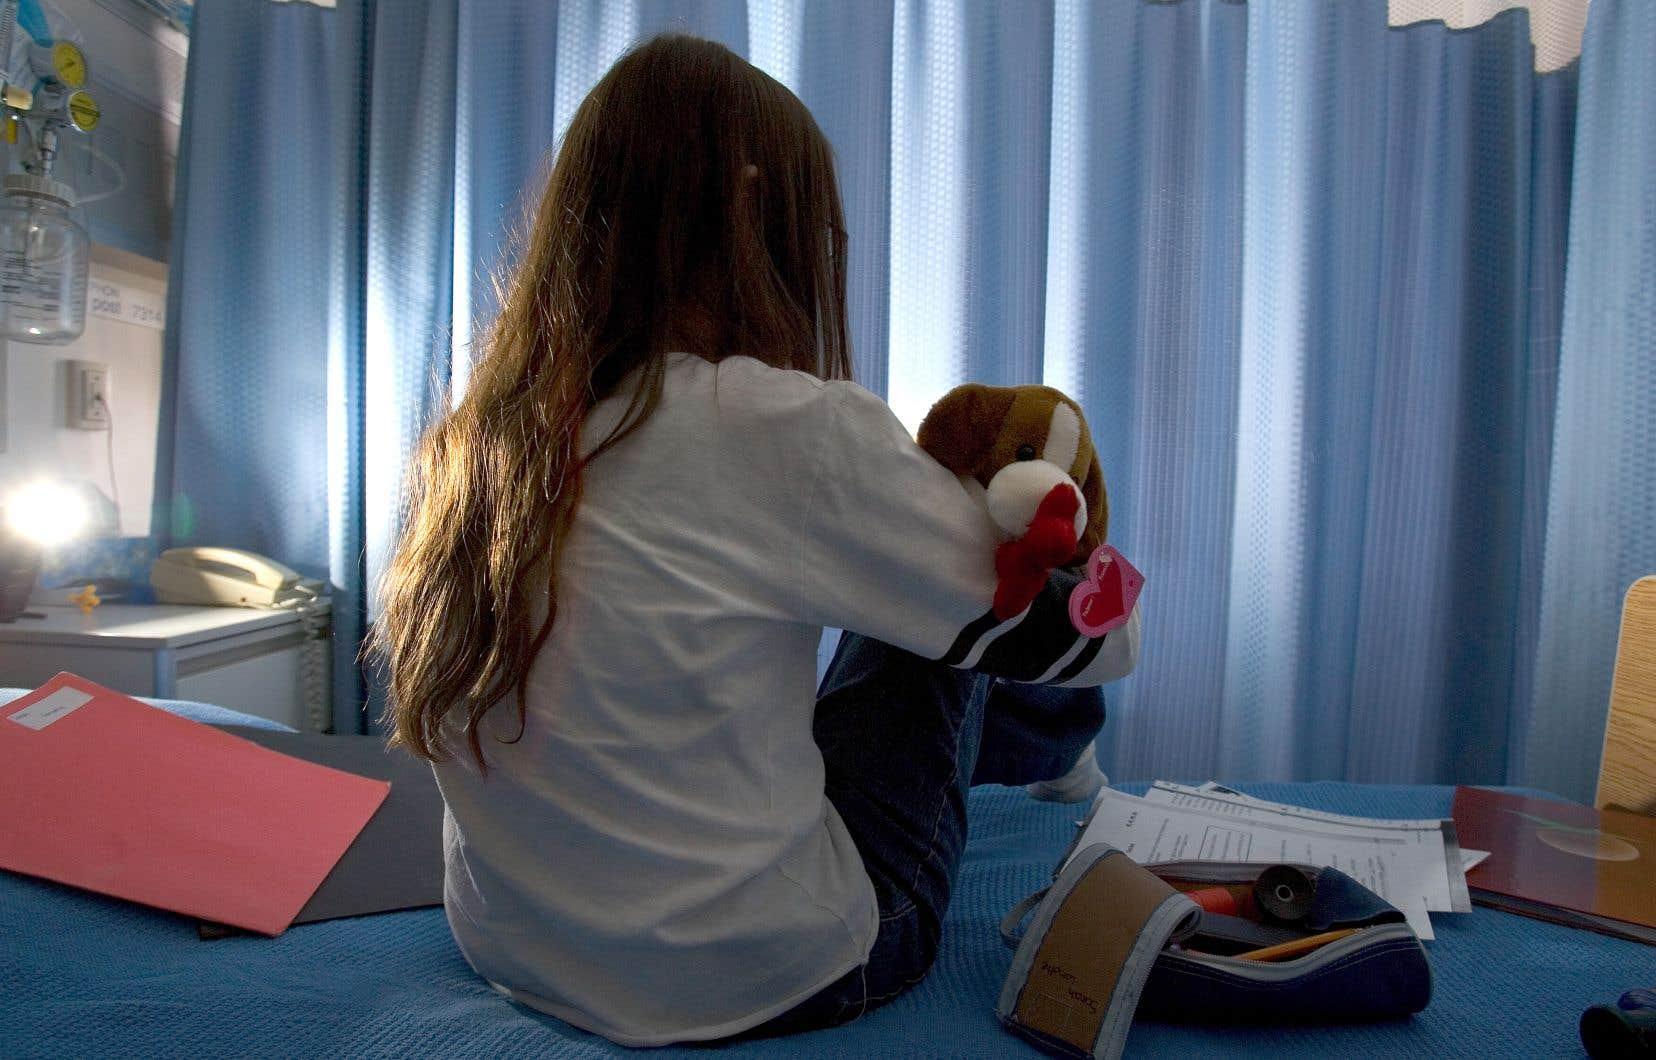 Le Directeur de la protection de la jeunesse craint de dépasser la barre des 100 000 signalements pour la première fois cette année.